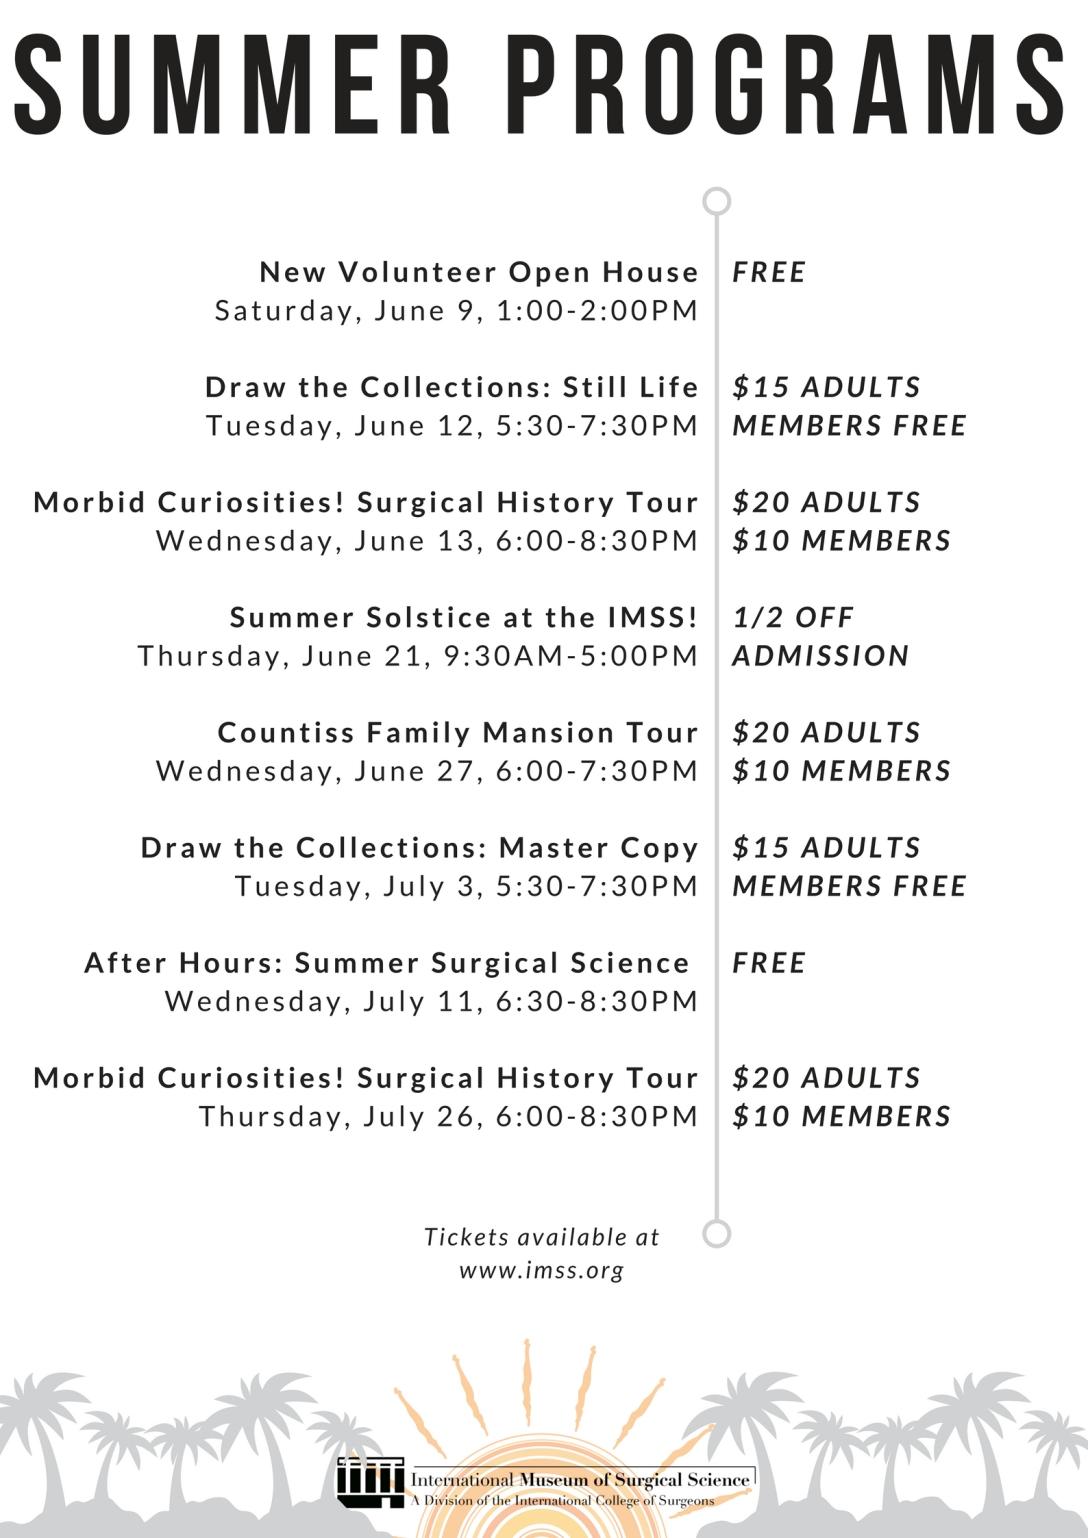 Summer 2018 Programs